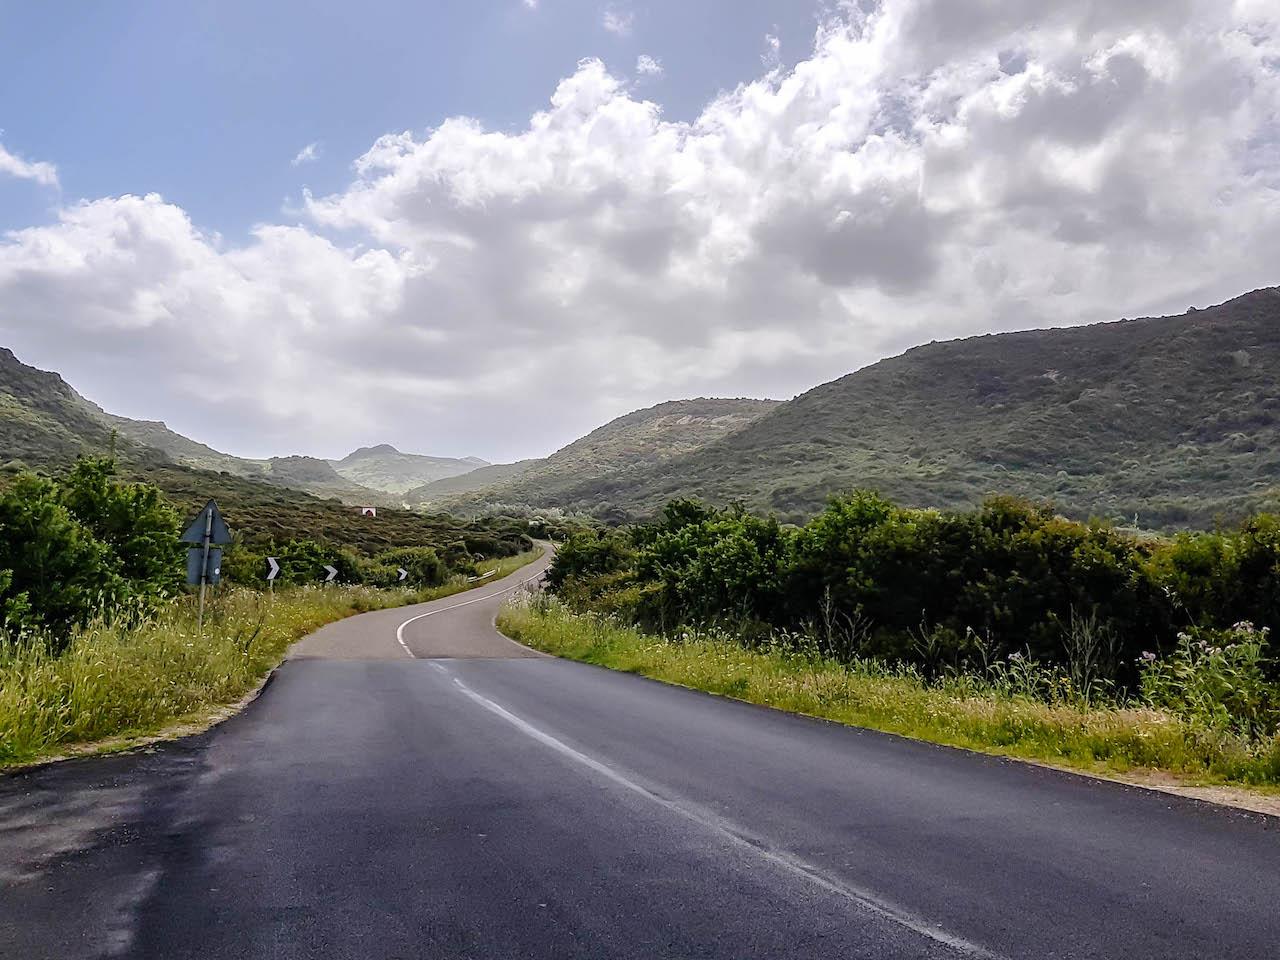 Von Bosa nach Alghero: Eine paradiesische Strecke.